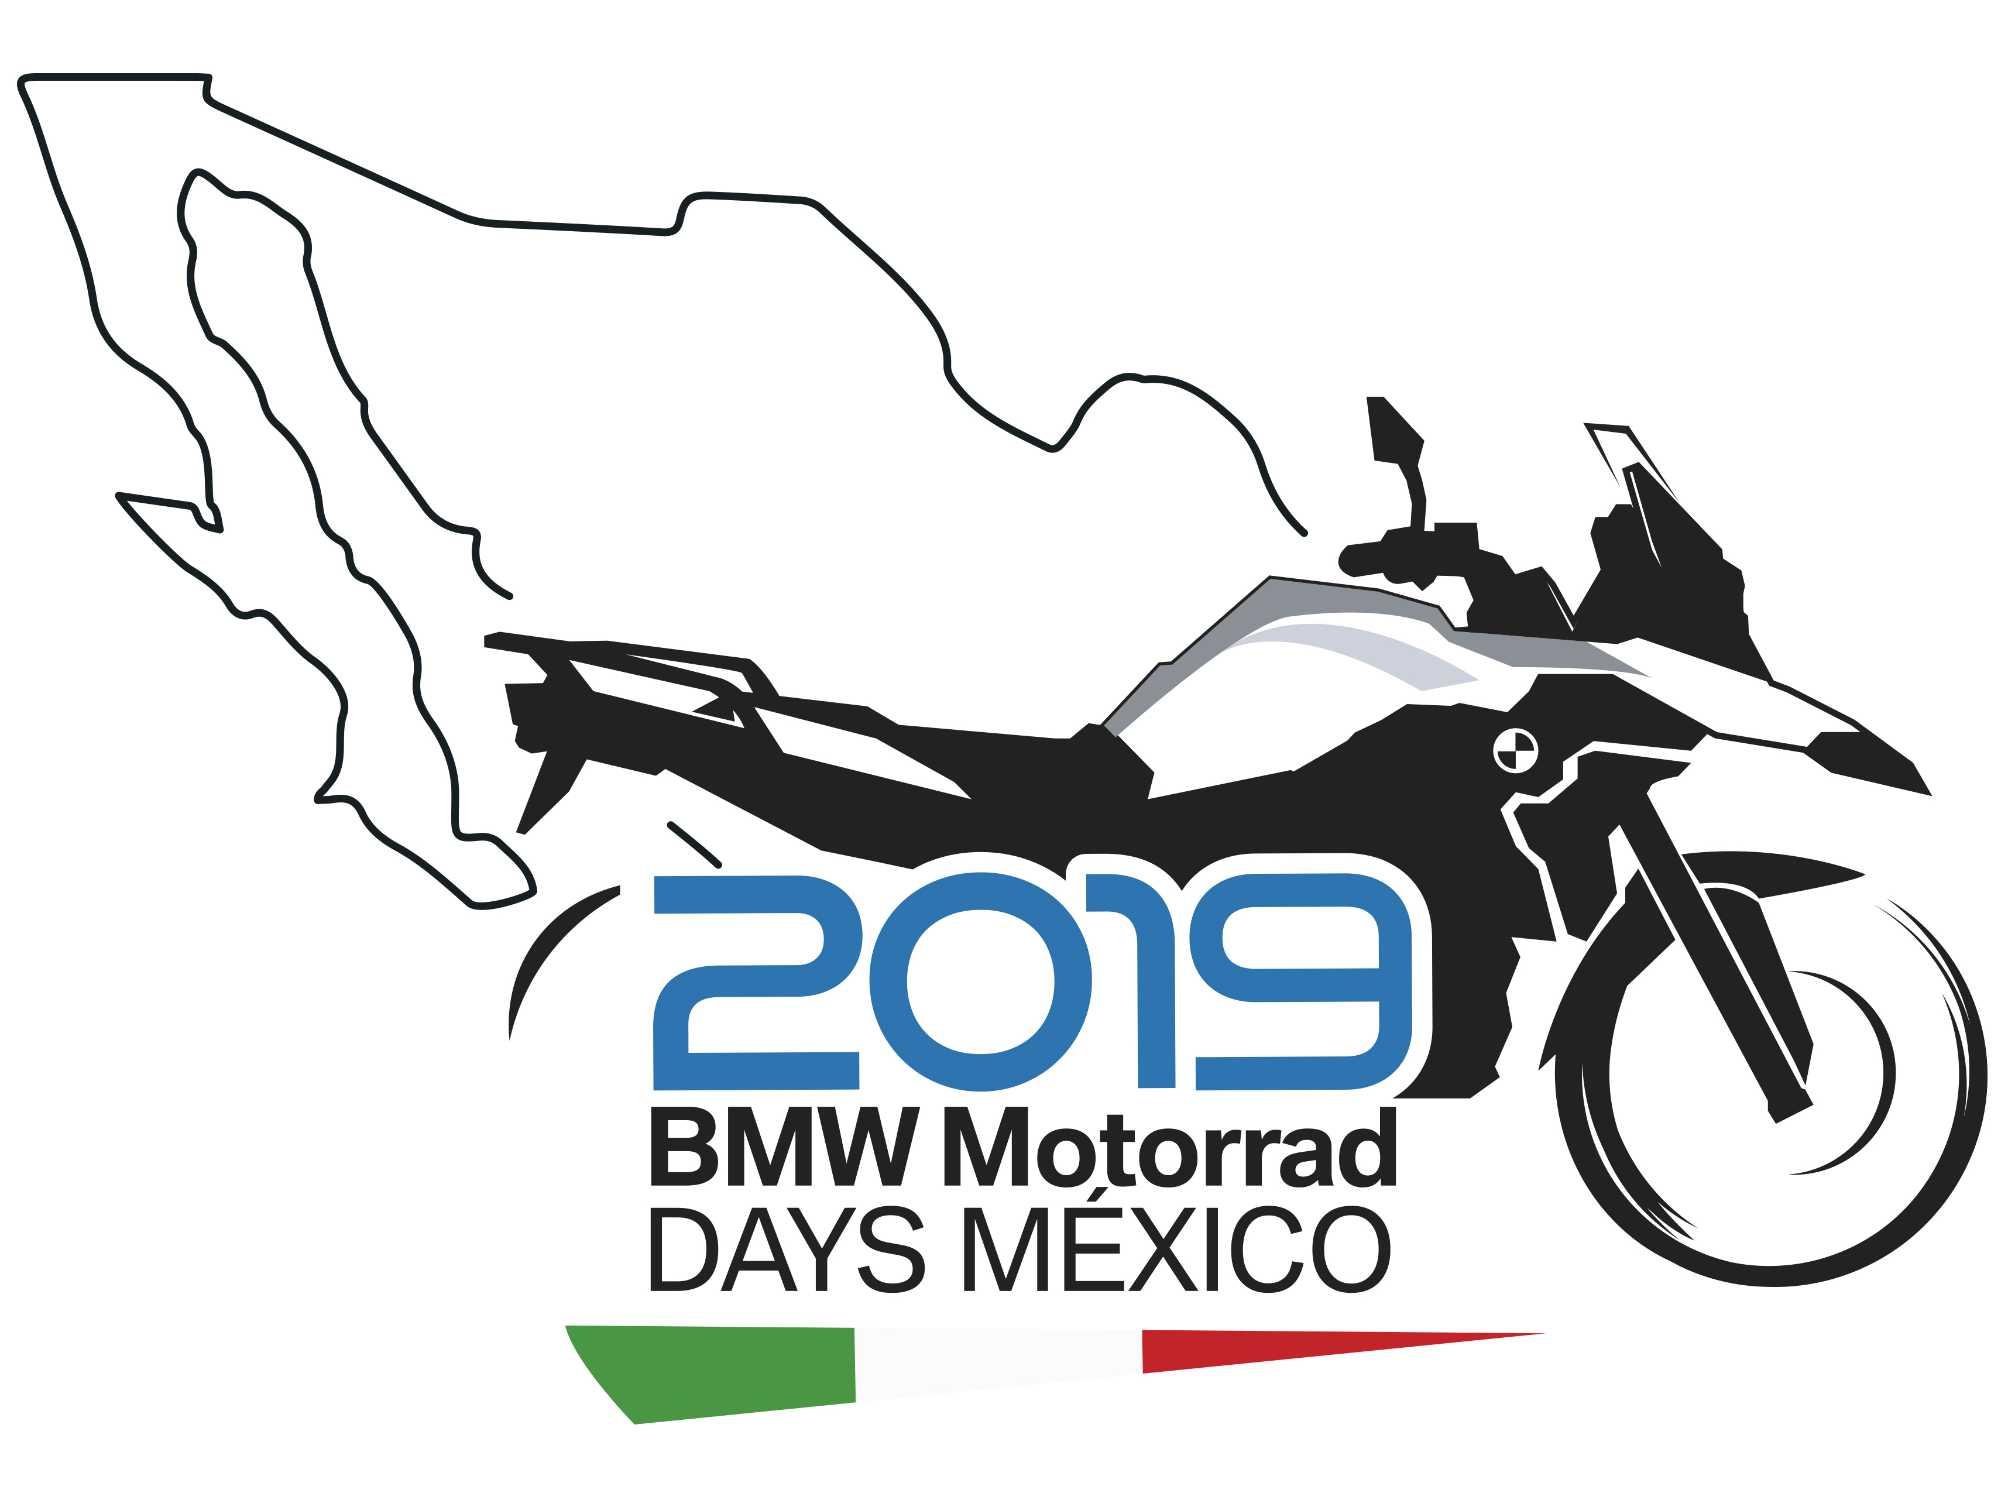 Bmw Motorrad Days Mexico 2019 El Regreso De Una Tradicion Alemana